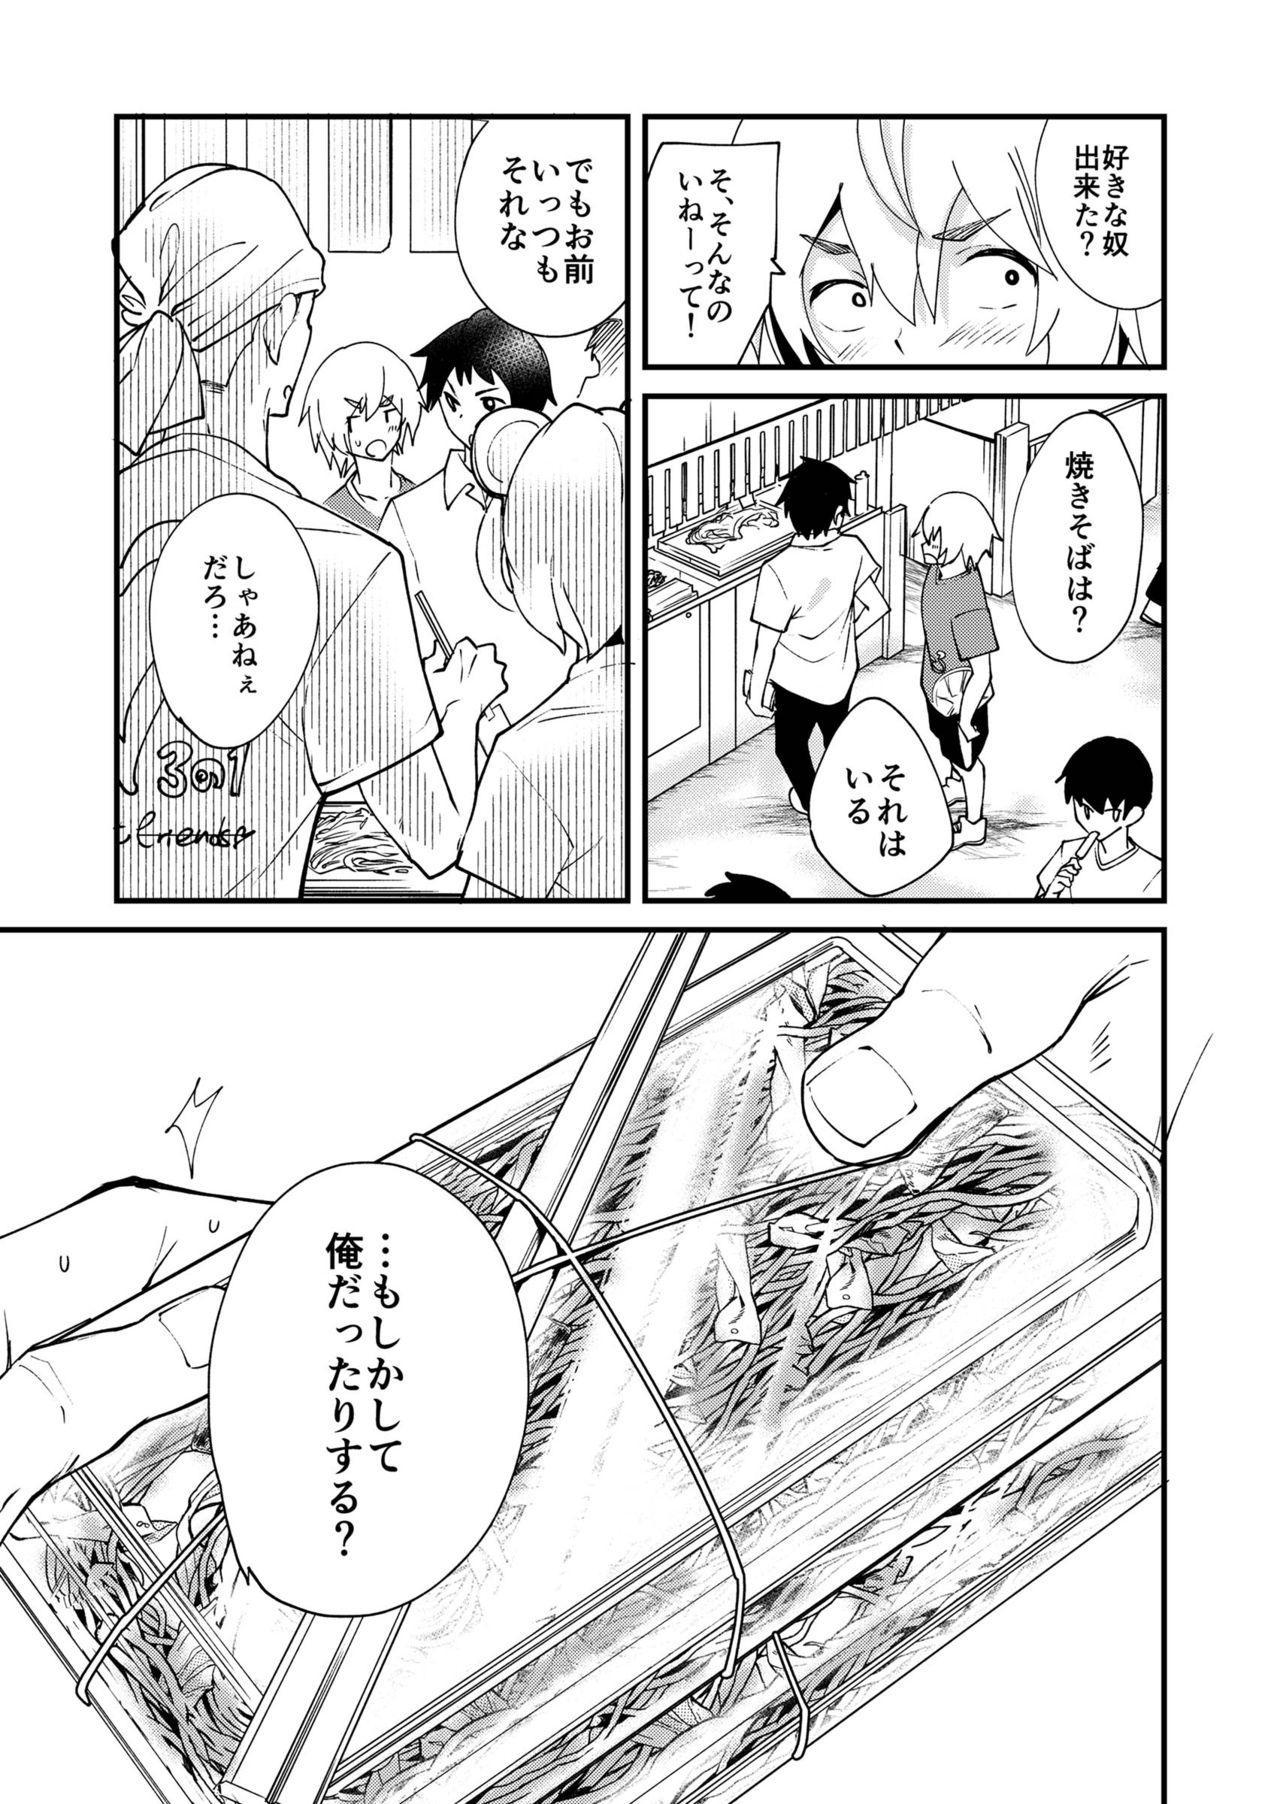 Emaru-kun ga Ienai Koto 30